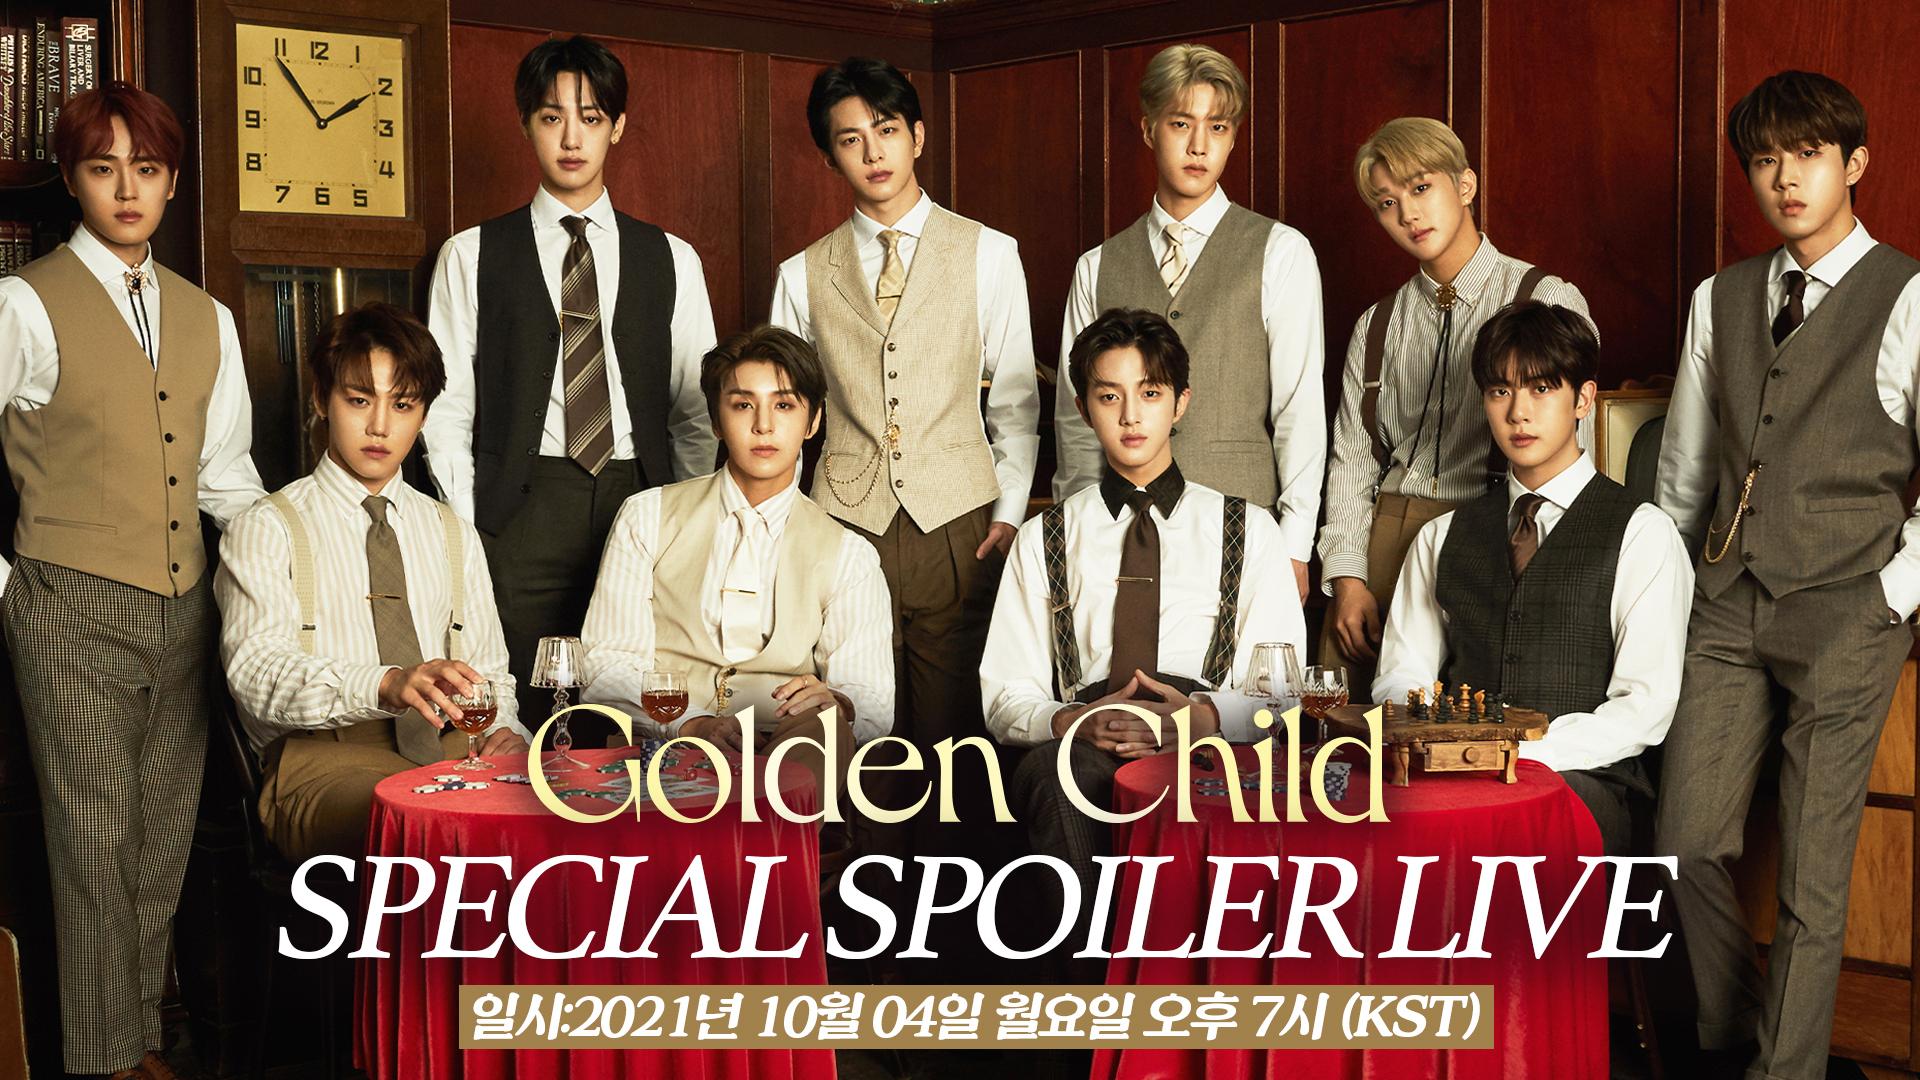 Golden Child 'DDARA' Special Spoiler Live